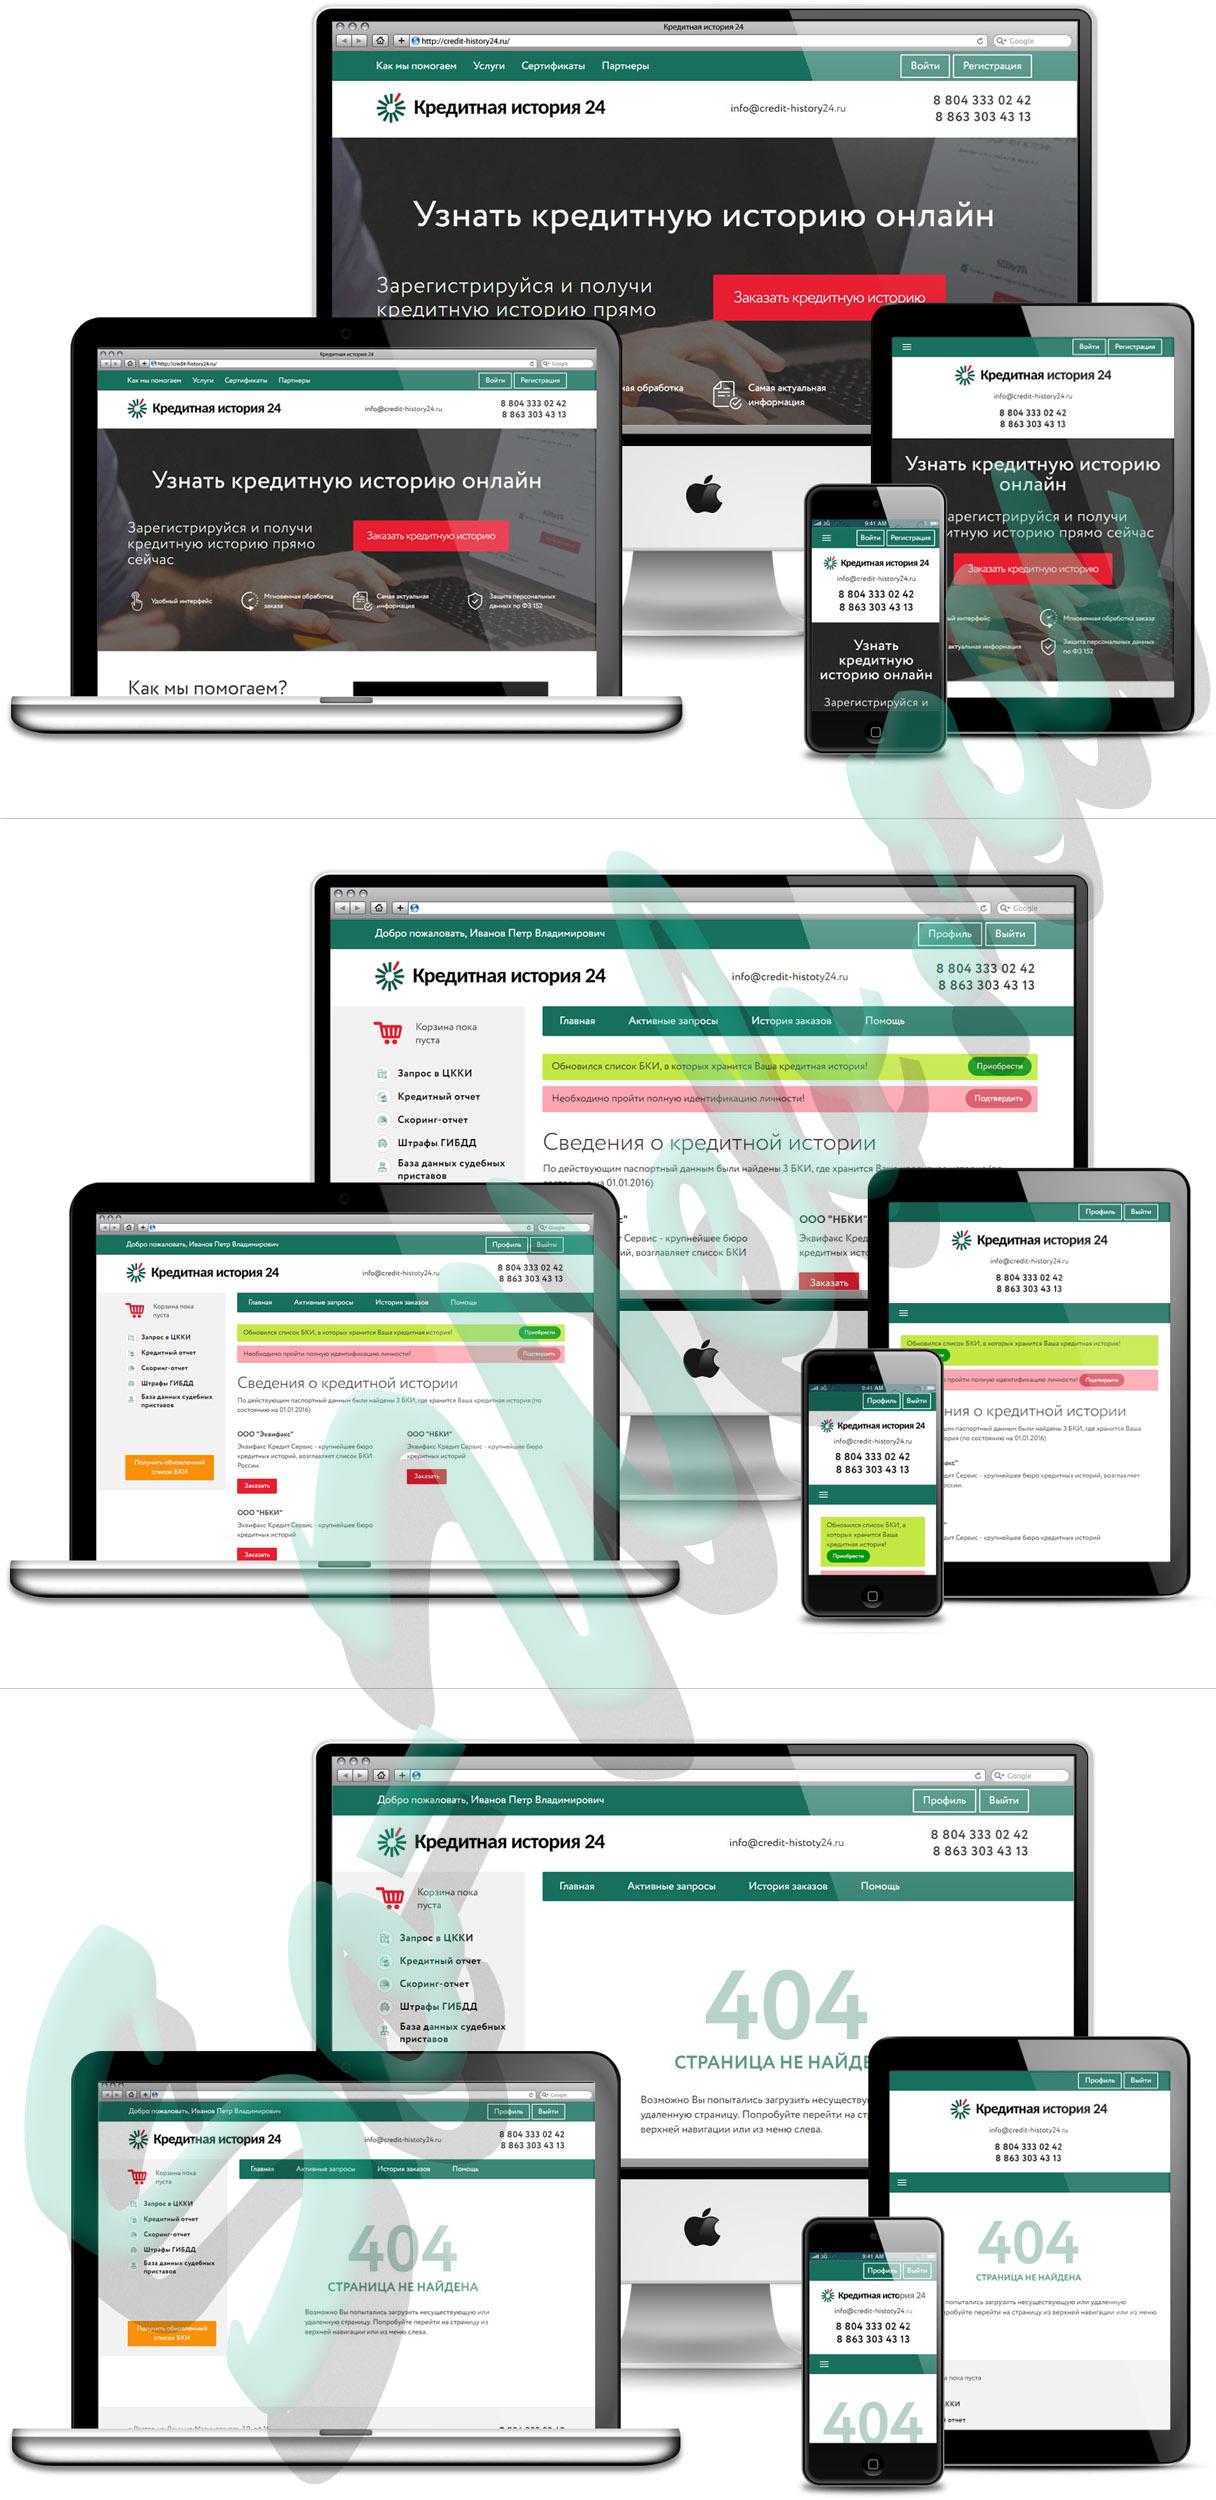 Адаптивная верстка из JPG в HTML с элементами Bootstrap для сайта Кредитной истории